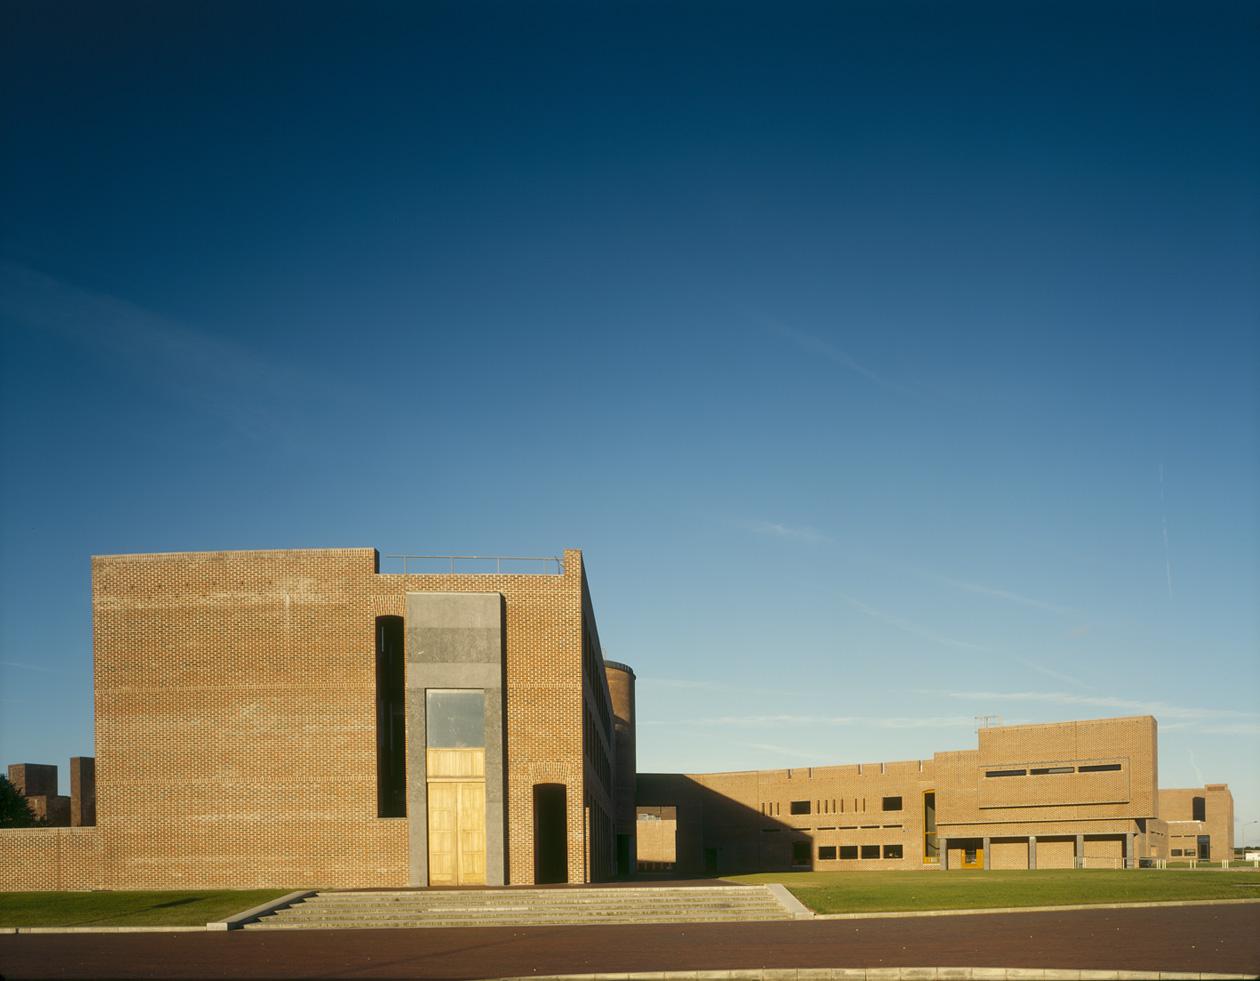 6 CIT - Administration Building